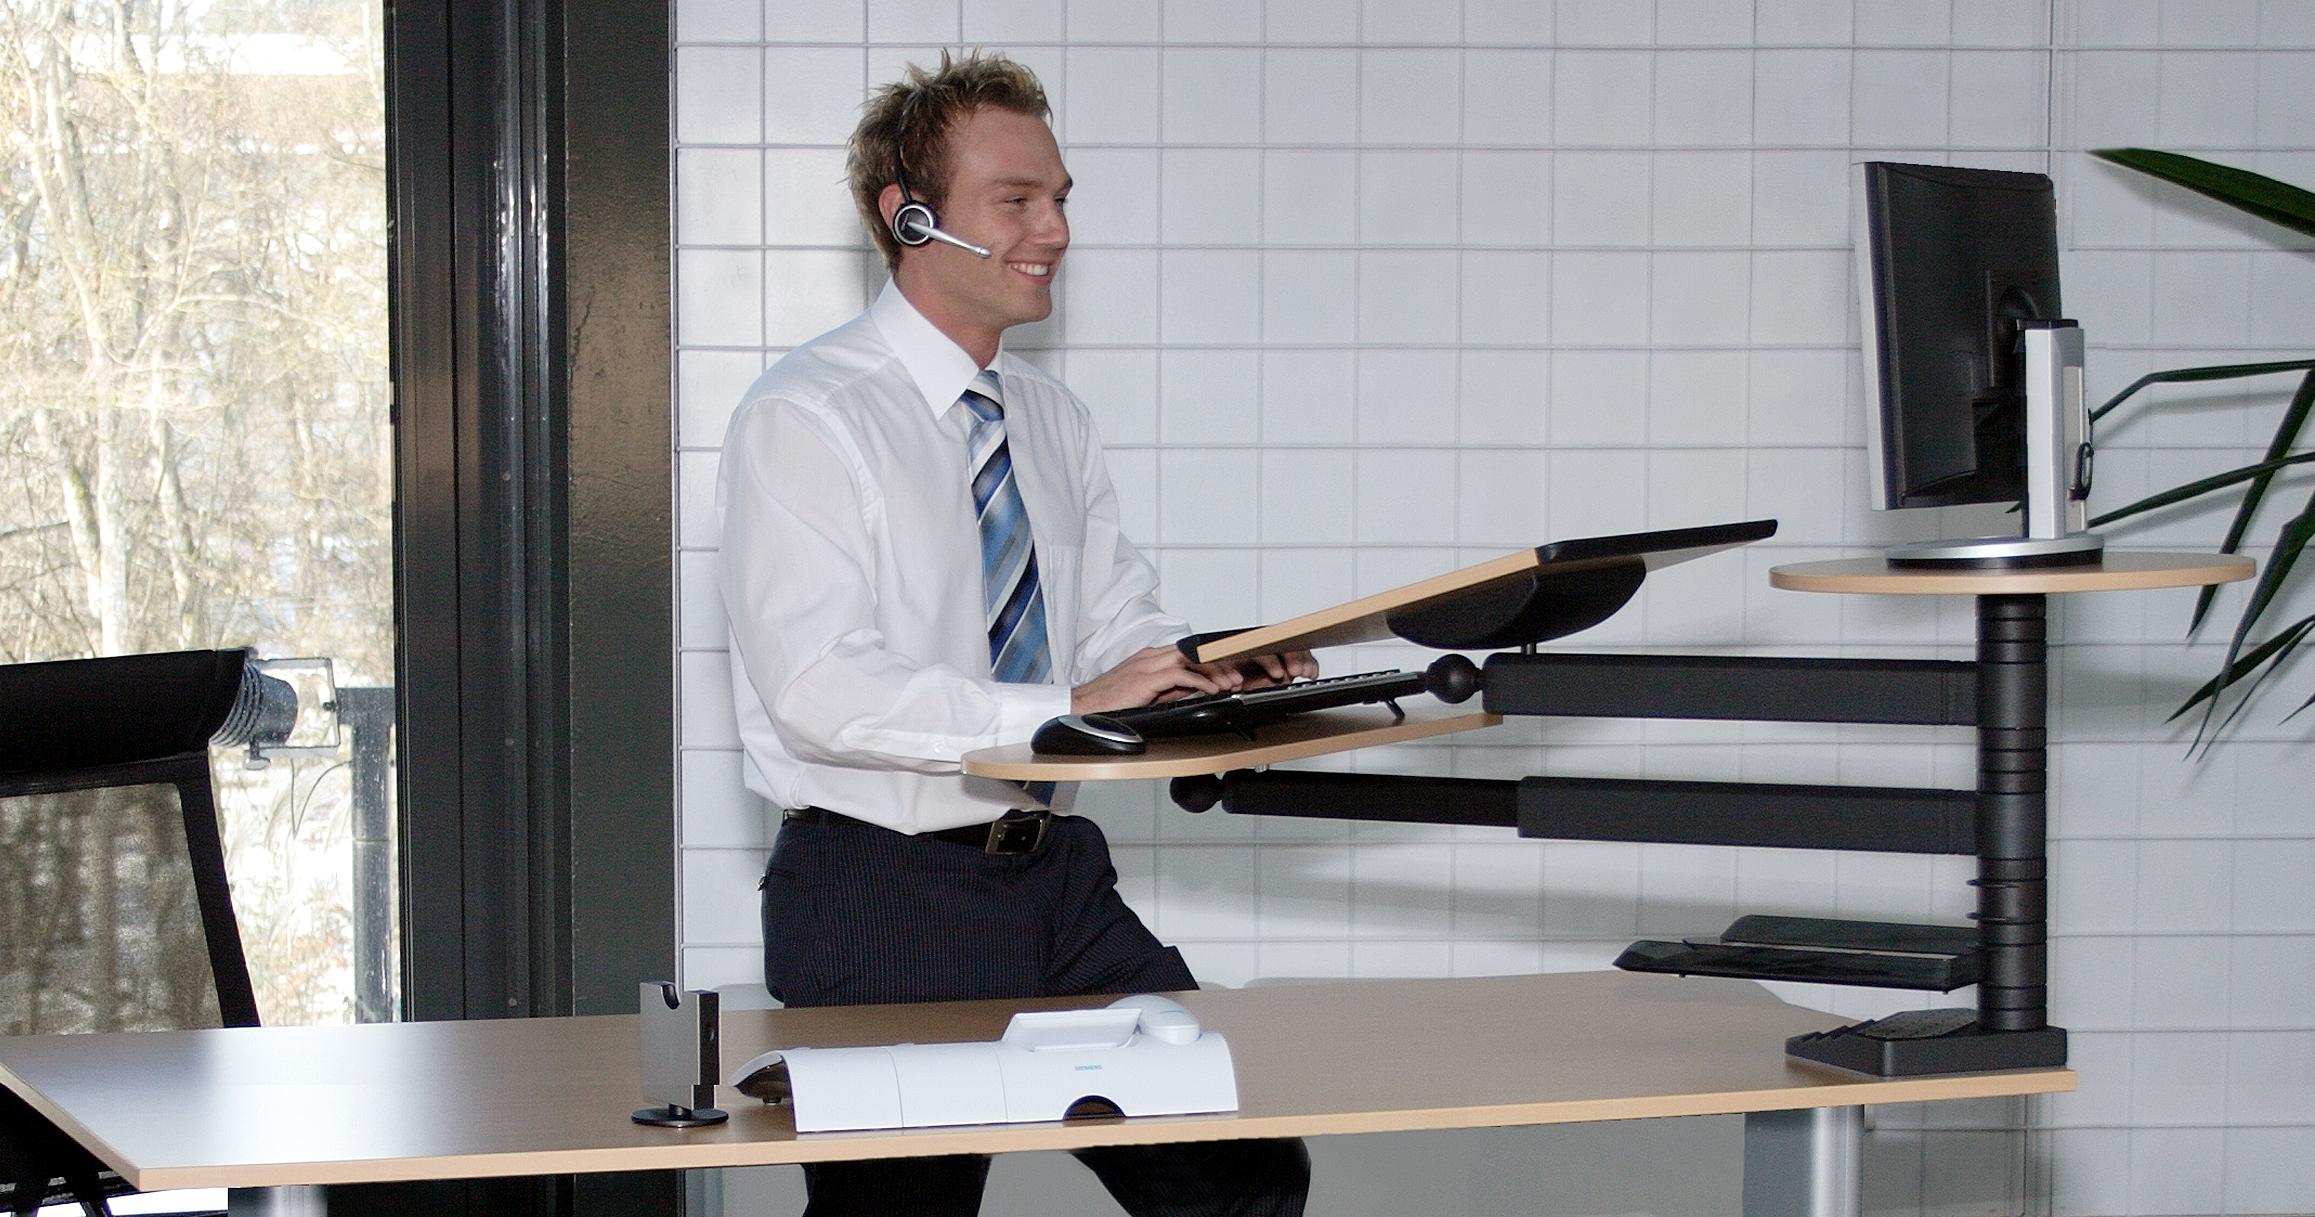 Testen Sie kostenlos Stehpulte Stehtische Stehhilfen - Stehpult Modell desk top mit Monitorplatte